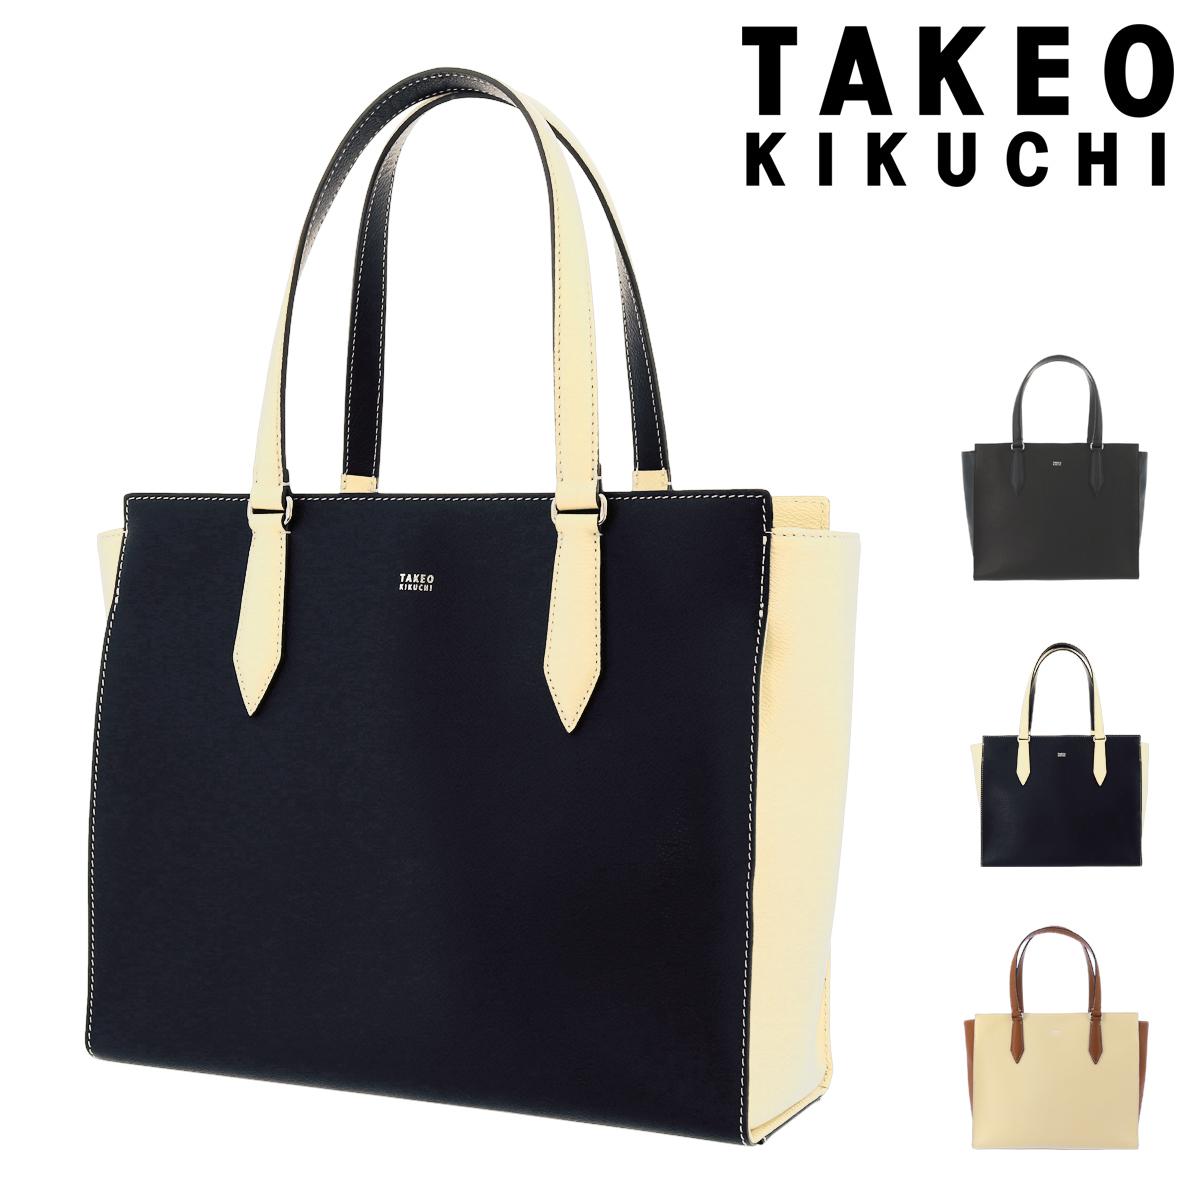 タケオキクチ トートバッグ 肩掛け A4 コルバータ メンズ 773701 日本製 TAKEO KIKUCHI | ファスナ-付き 本革 牛革 レザー[PO5][bef]